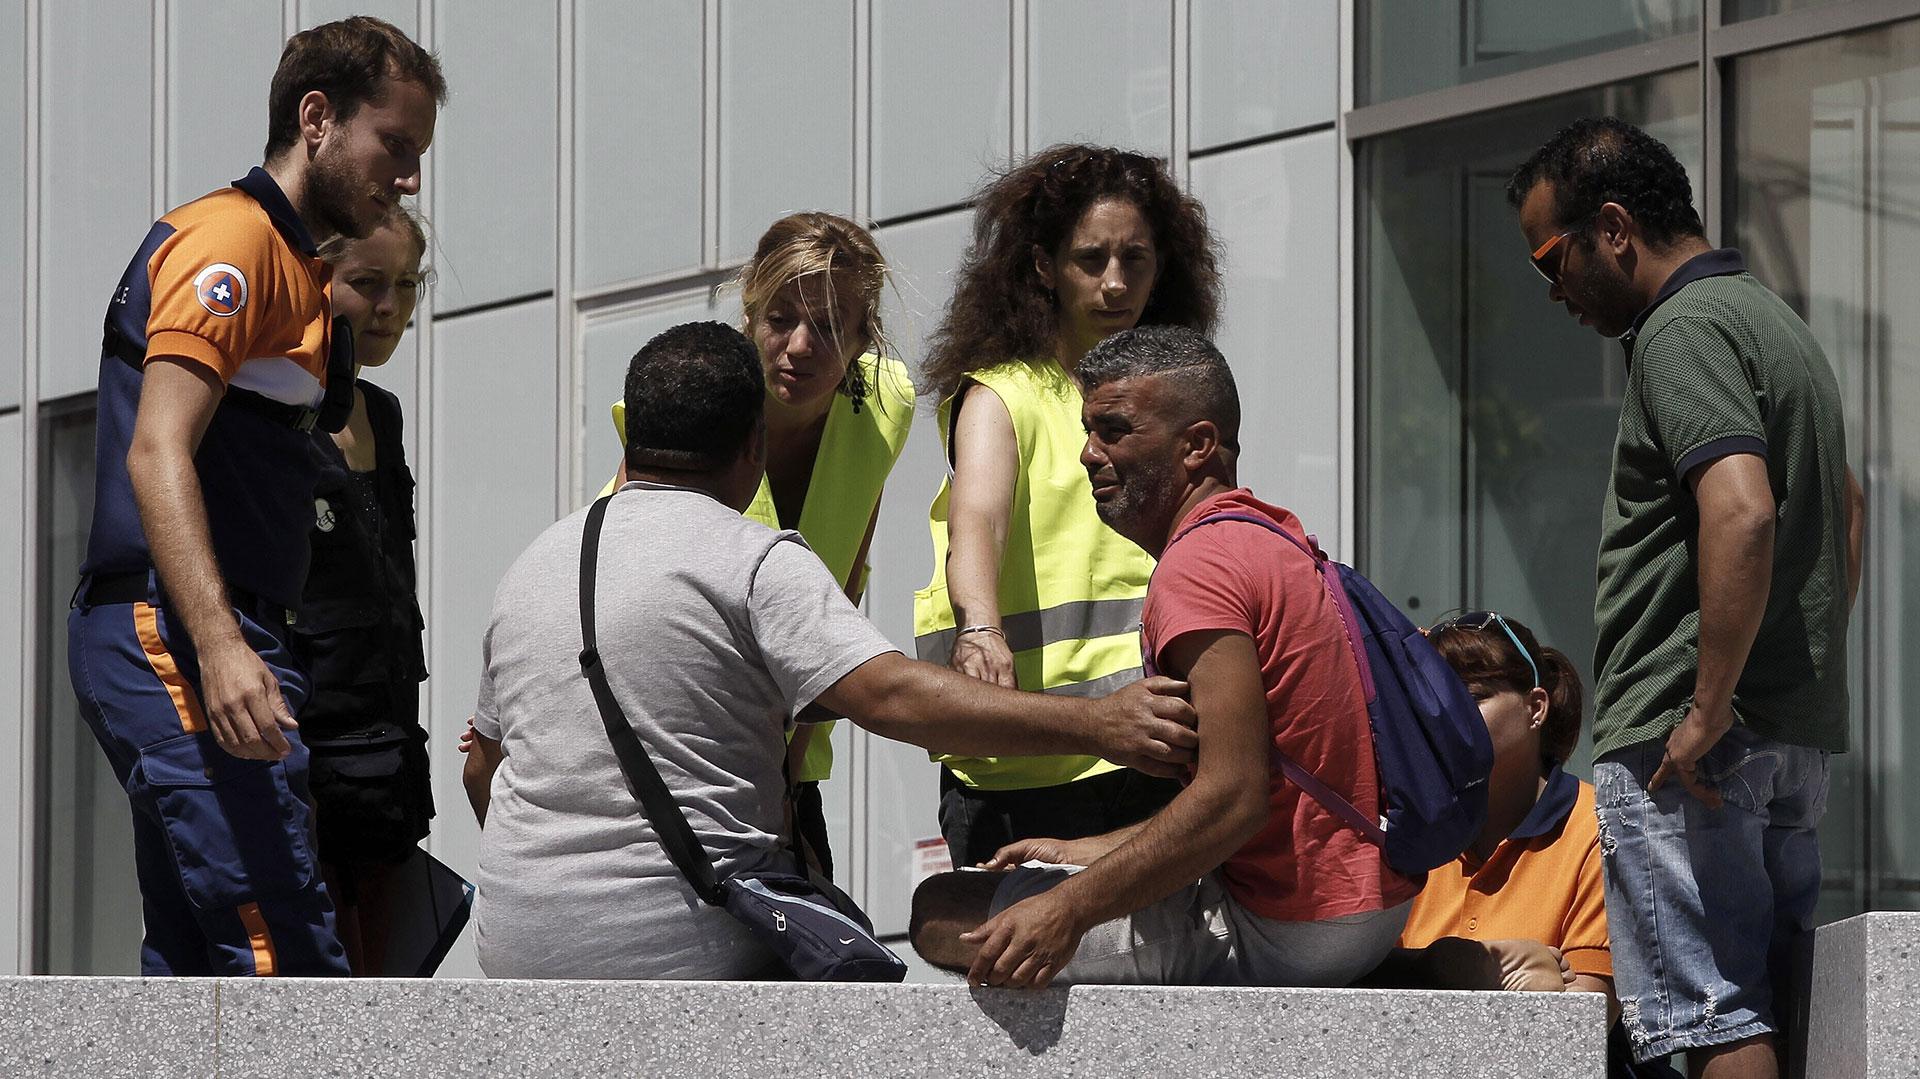 El llanto desolador de Mejri en la puerta de un hospital de NIza. Personal médico se acercó para estar a su lado en ese dramático momento (EFE)